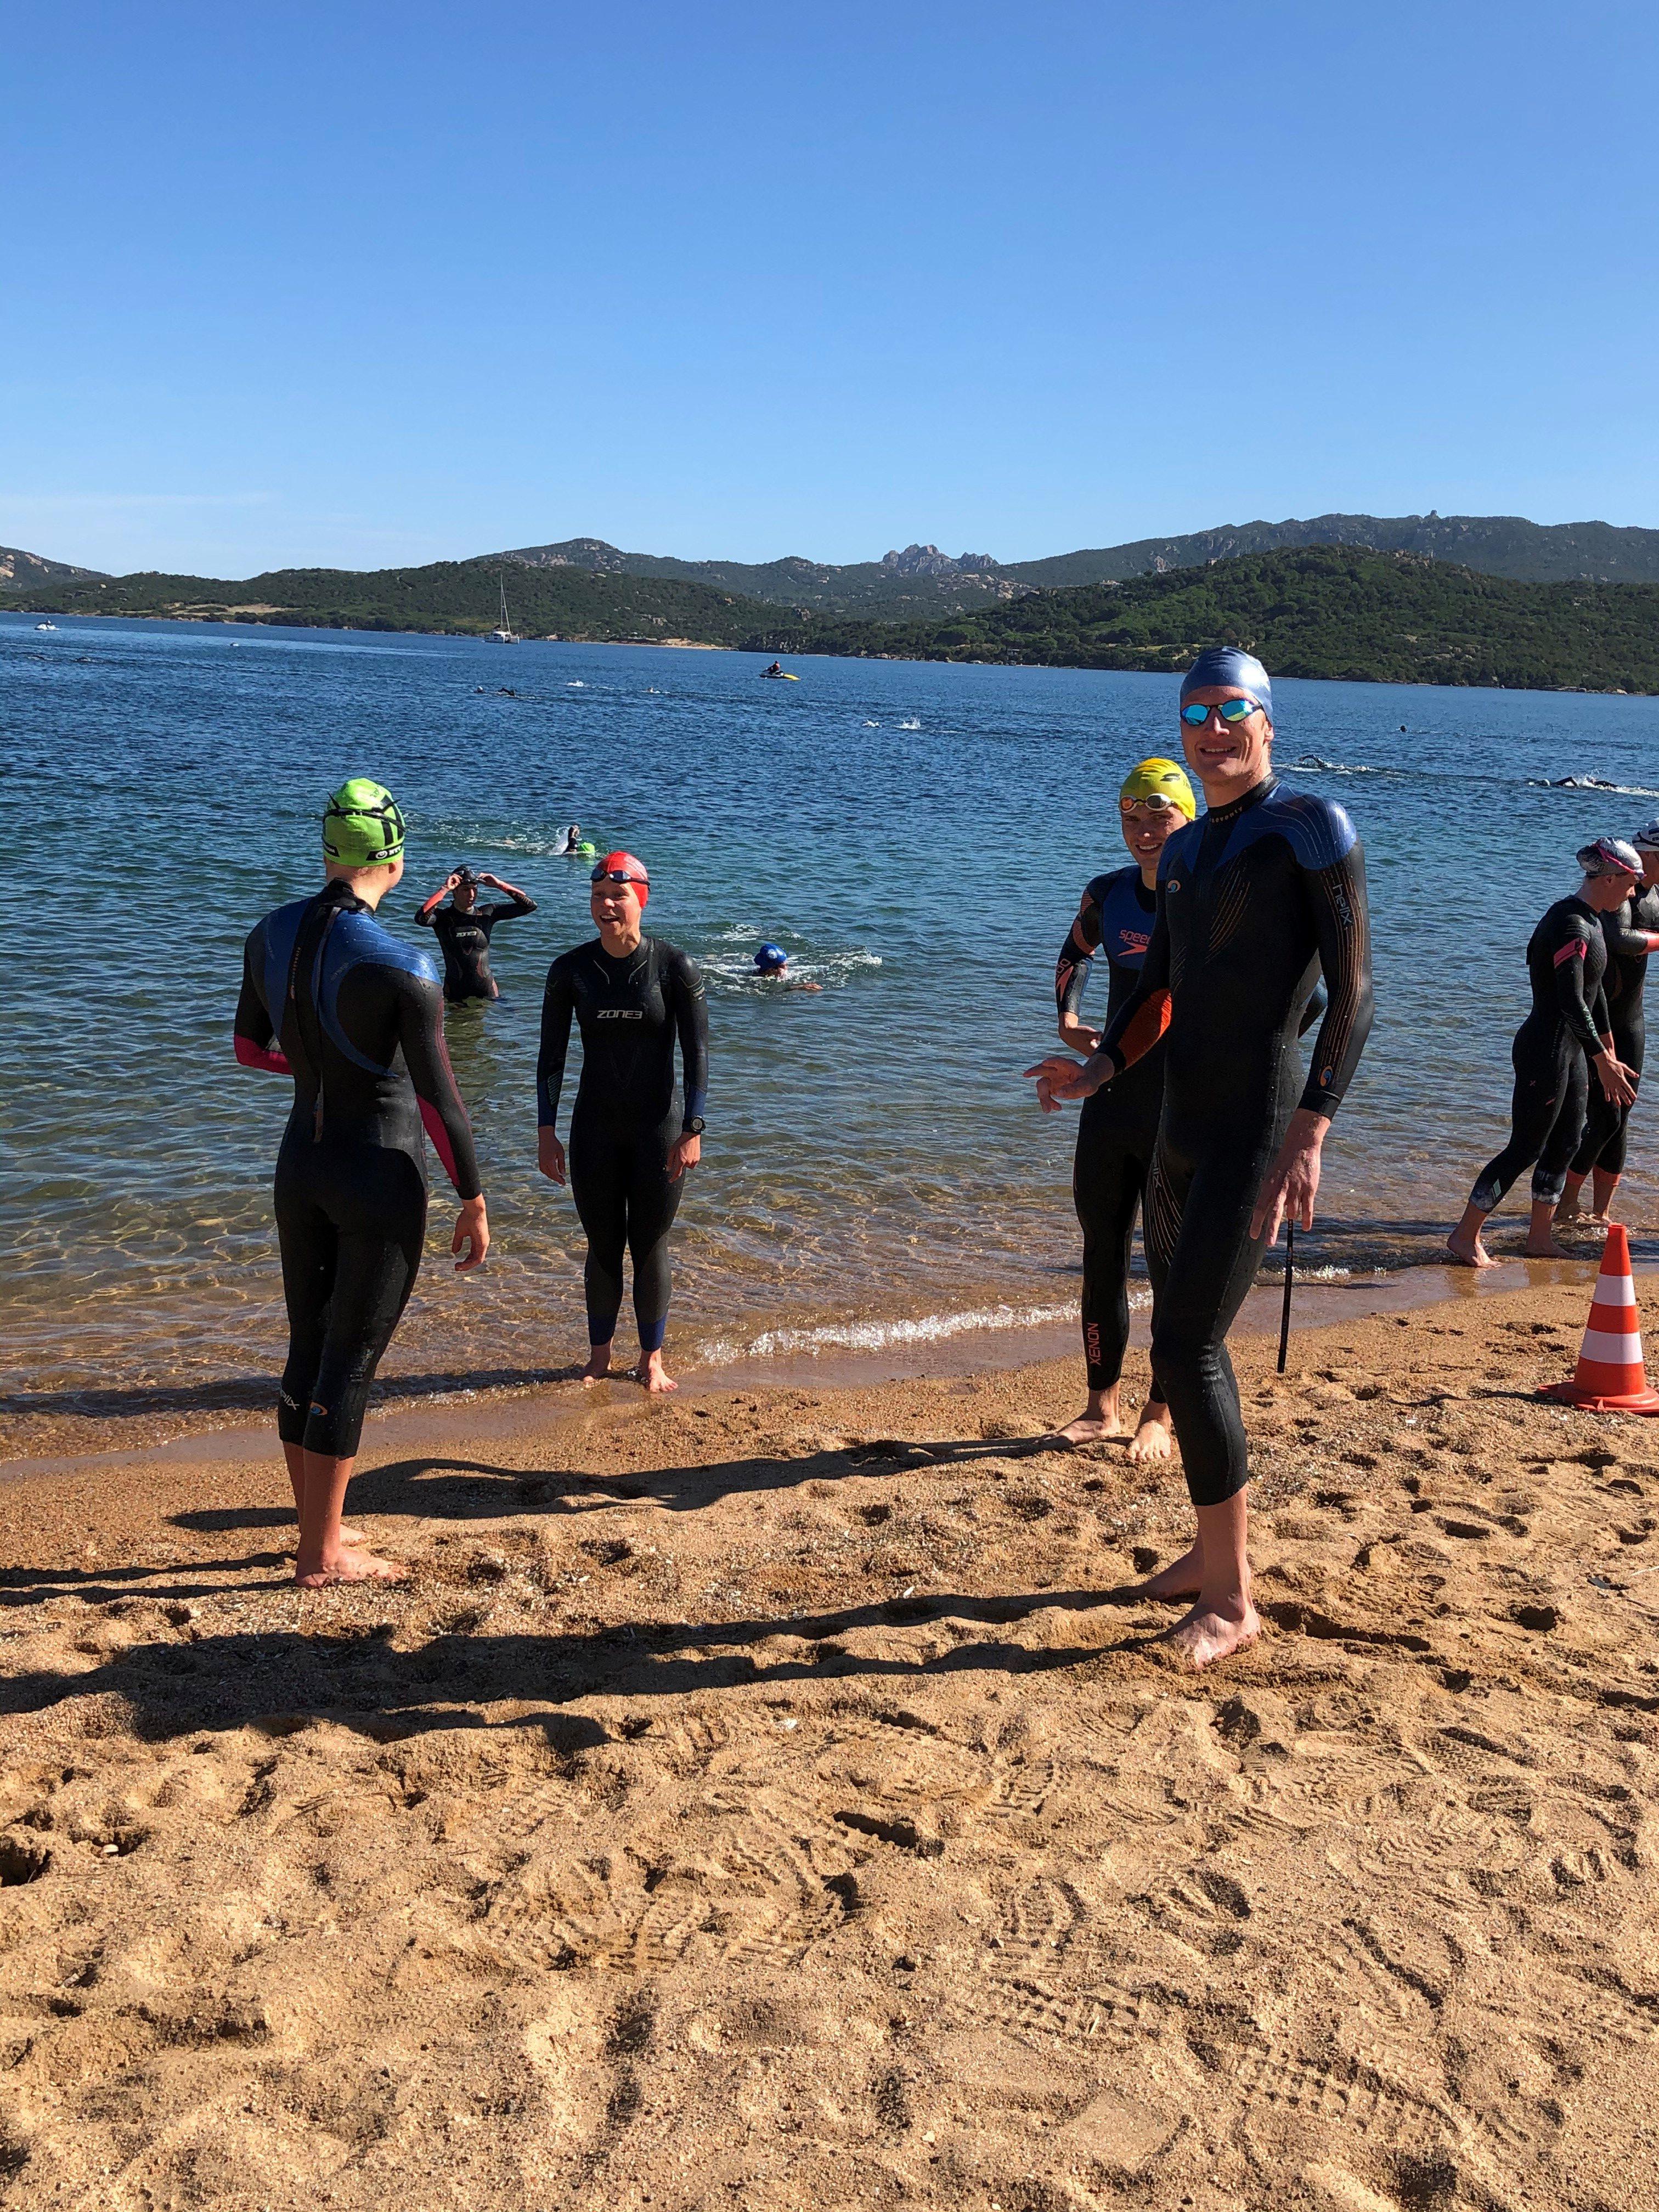 atleter på vej i vand